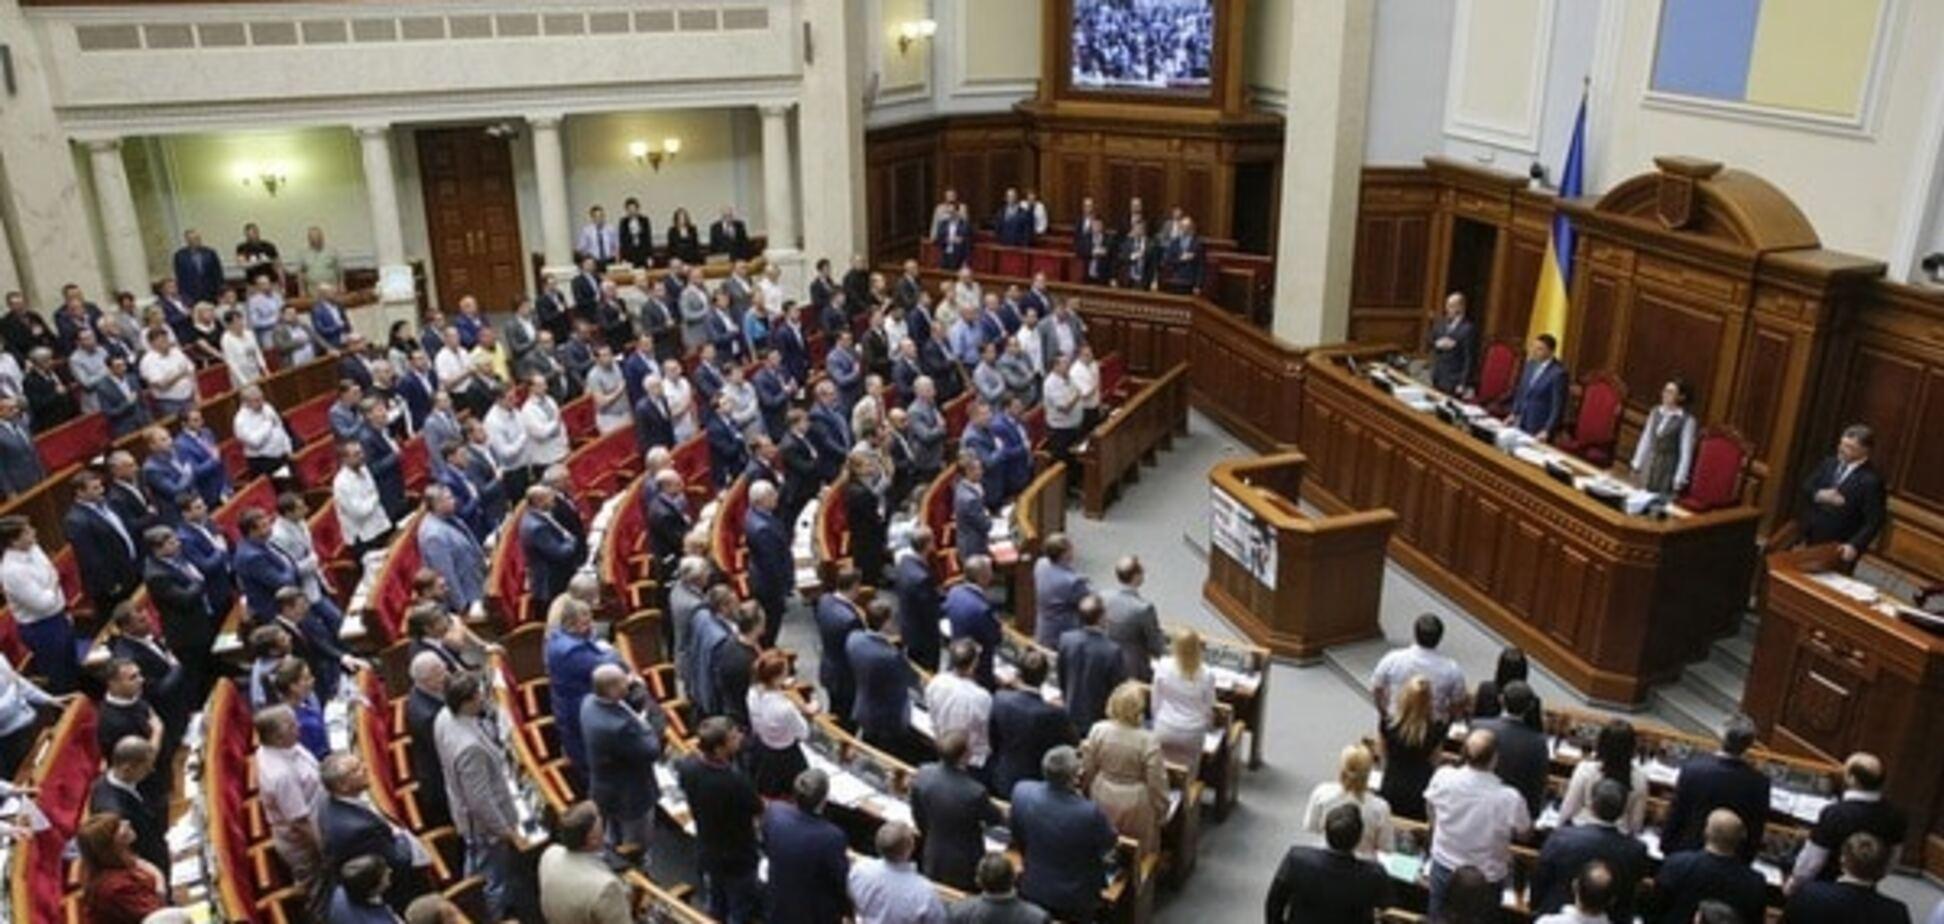 'Космический уровень жлобства': опубликован список депутатов, получивших компенсацию за жилье